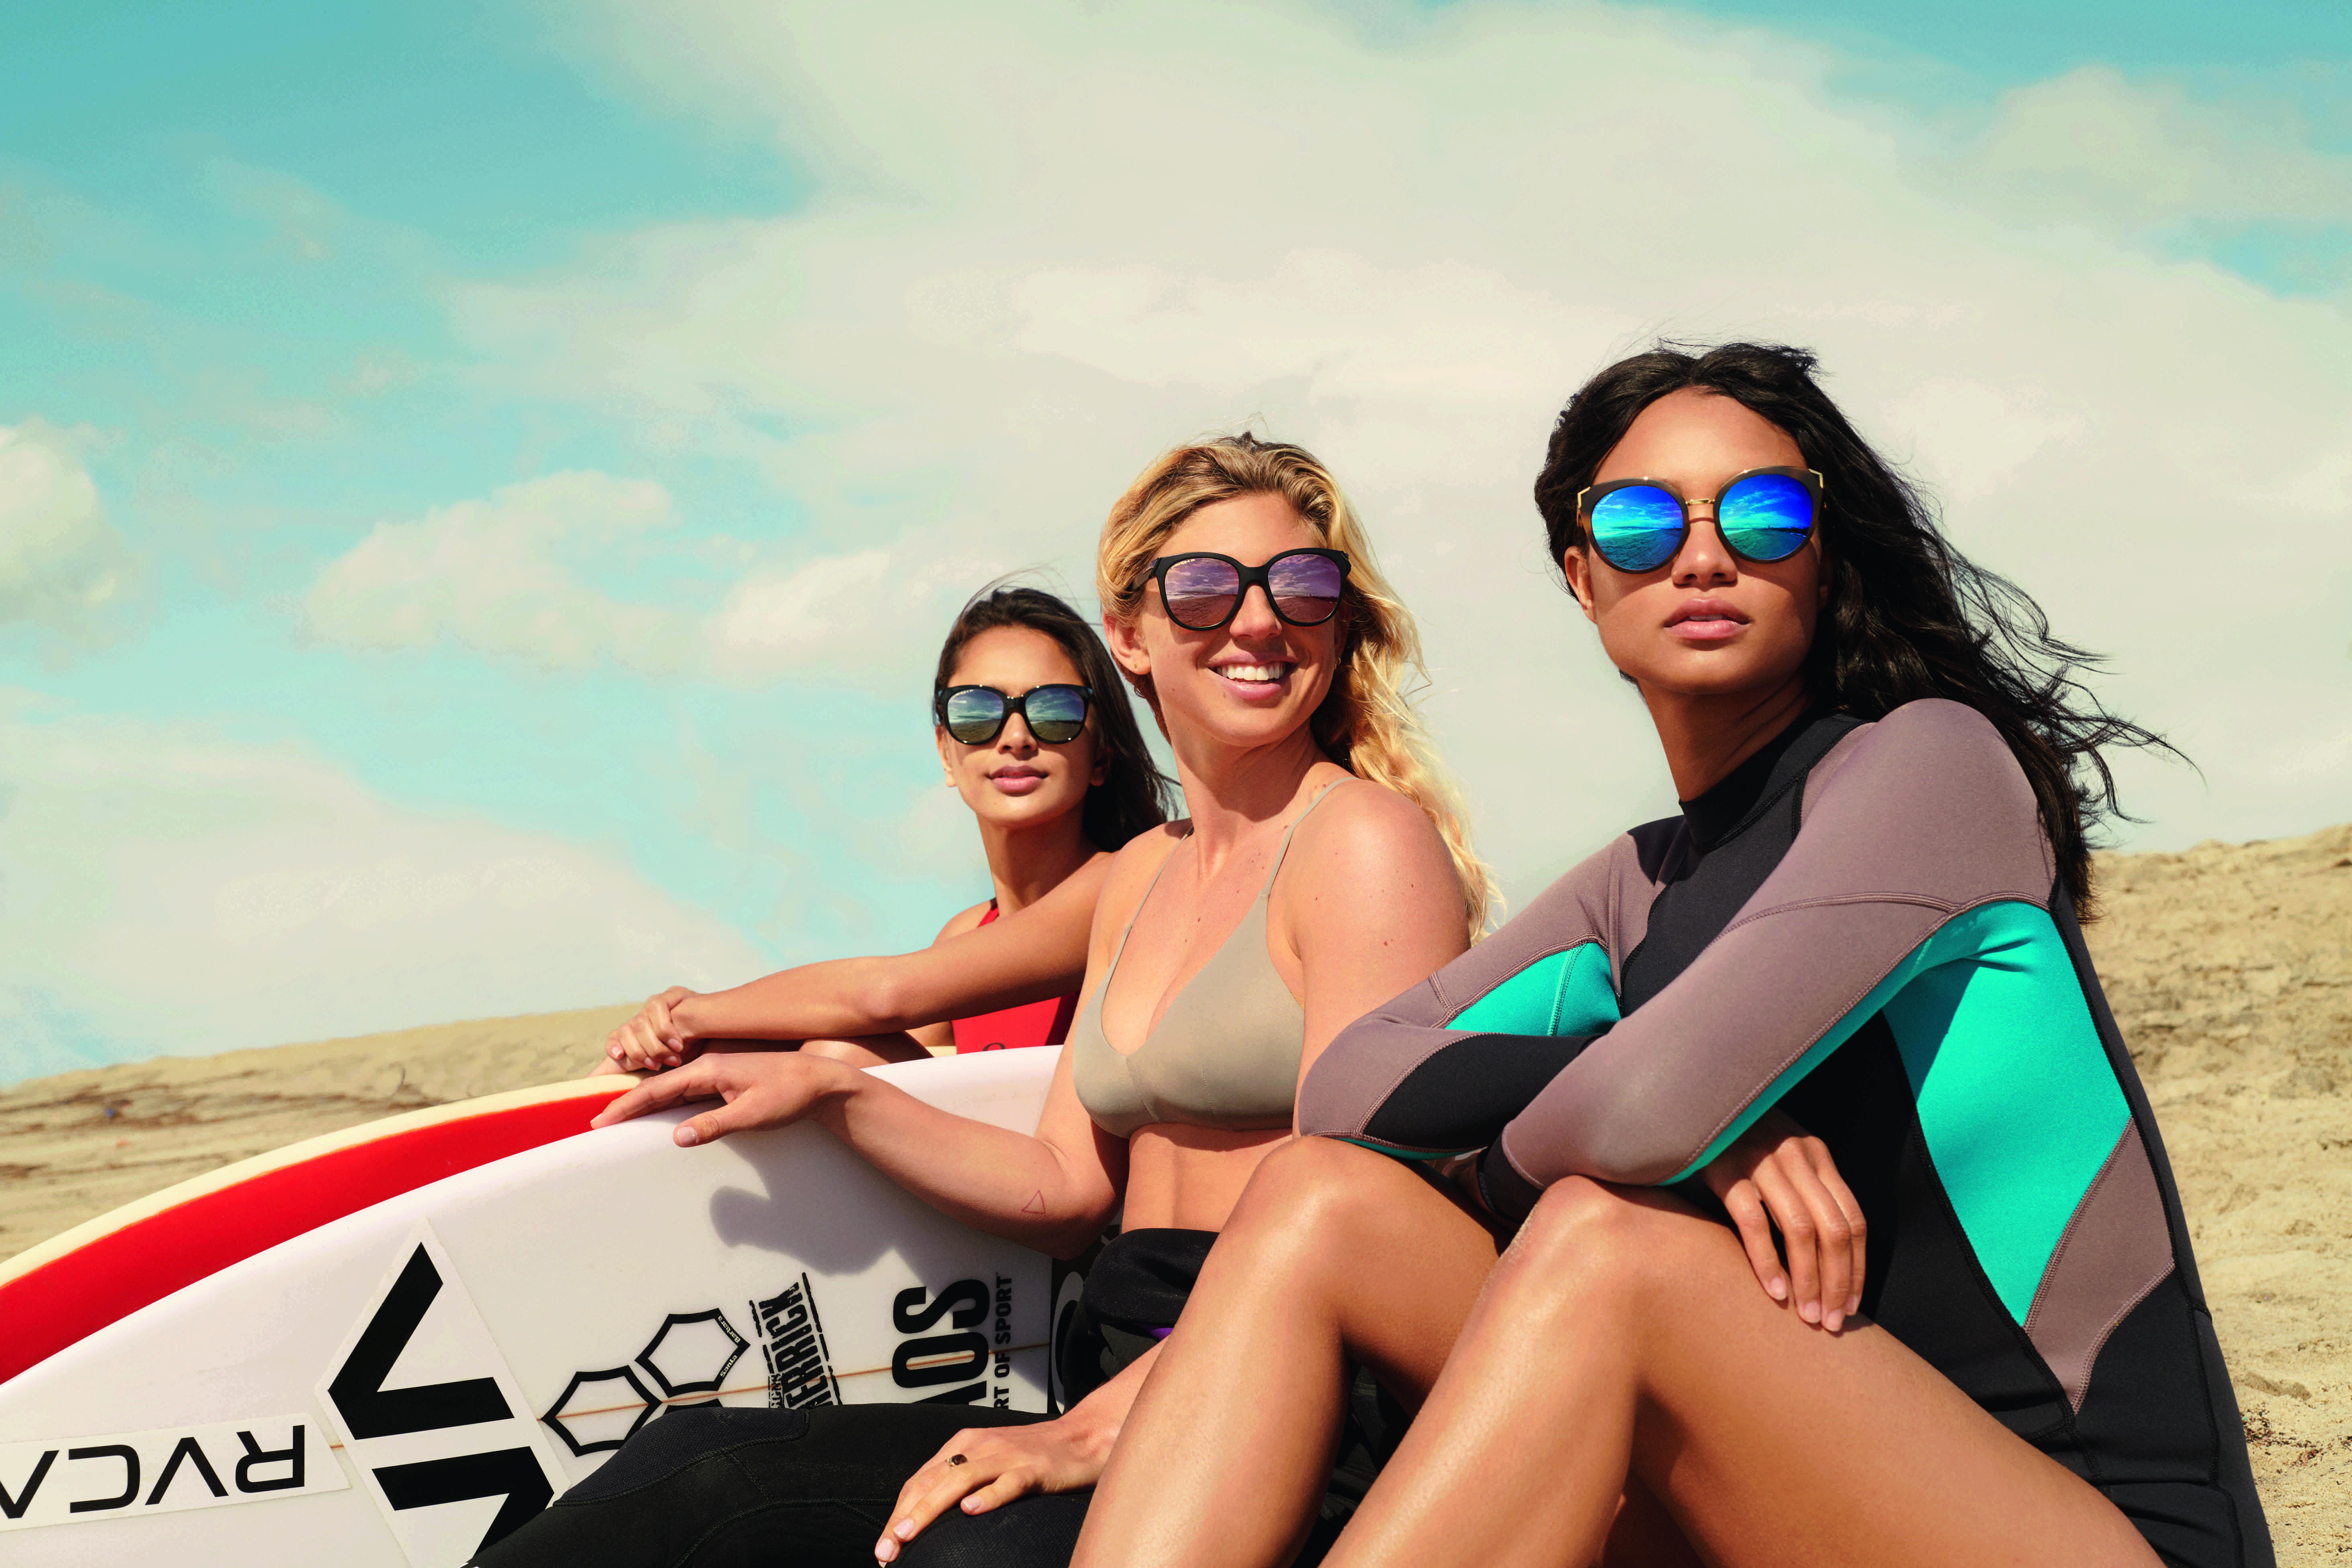 Oakley Women's Spring 2019 Collection | Oakley Women's Sunglasses &  Eyeglasses | SportRx